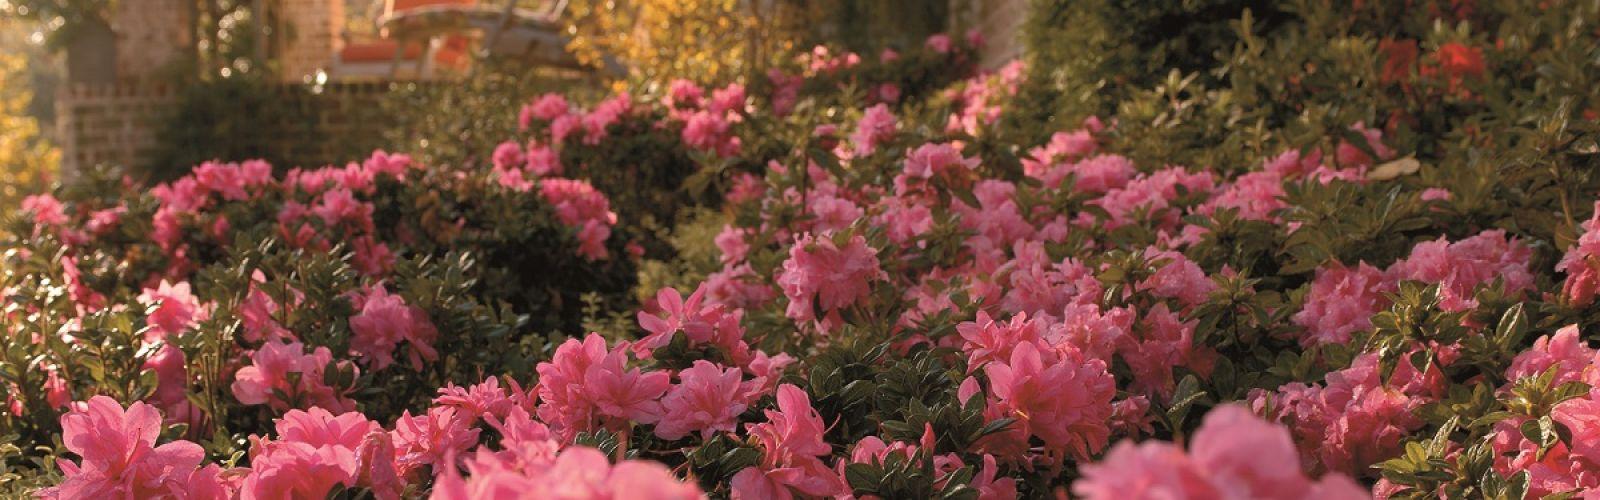 pink azaleas in landscape